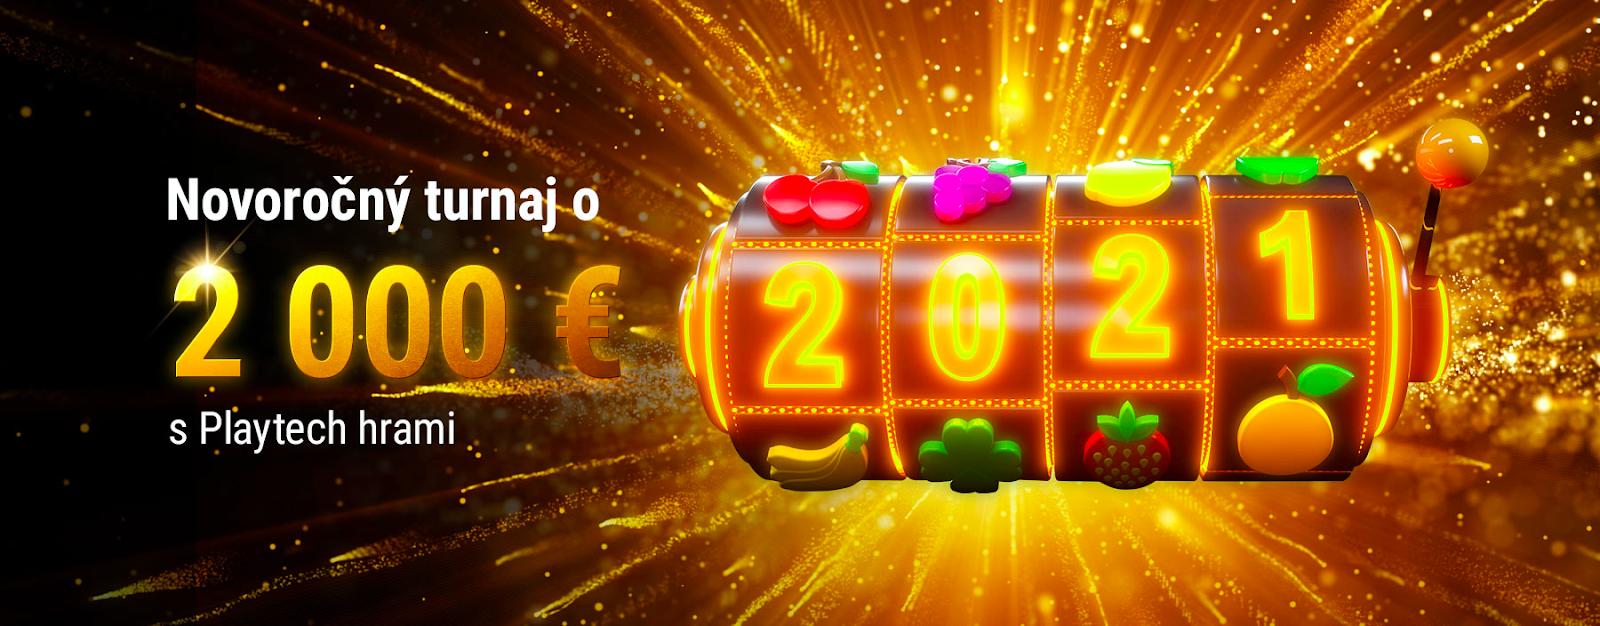 Doxxbet novoročný turnaj o 2000 €